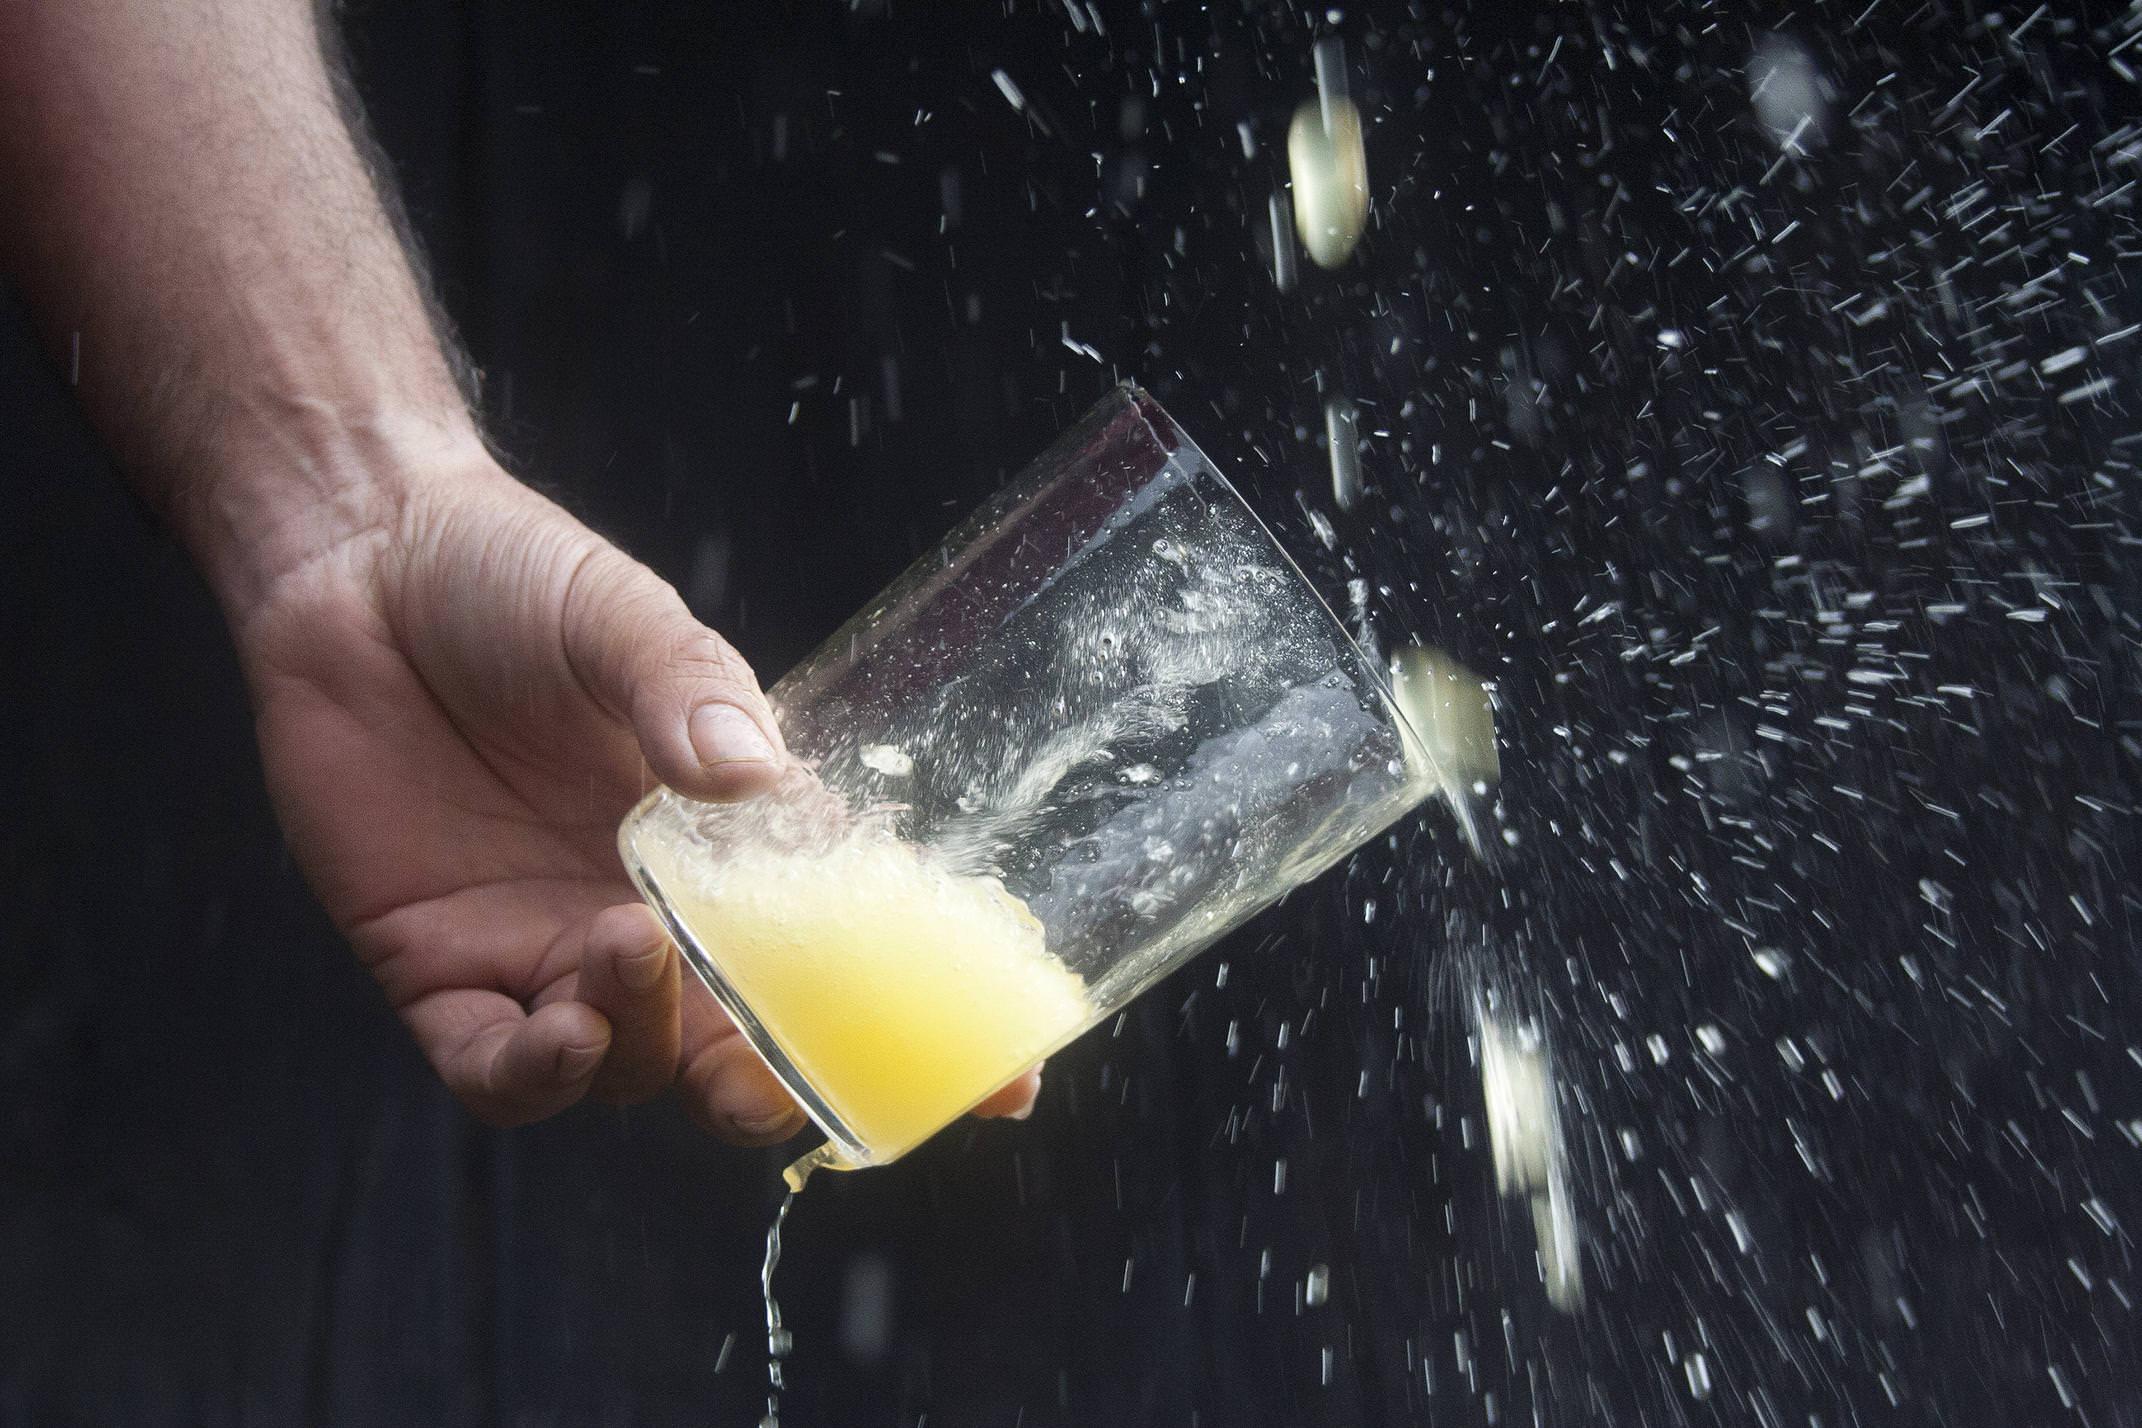 Spain asturias picos cider pouring